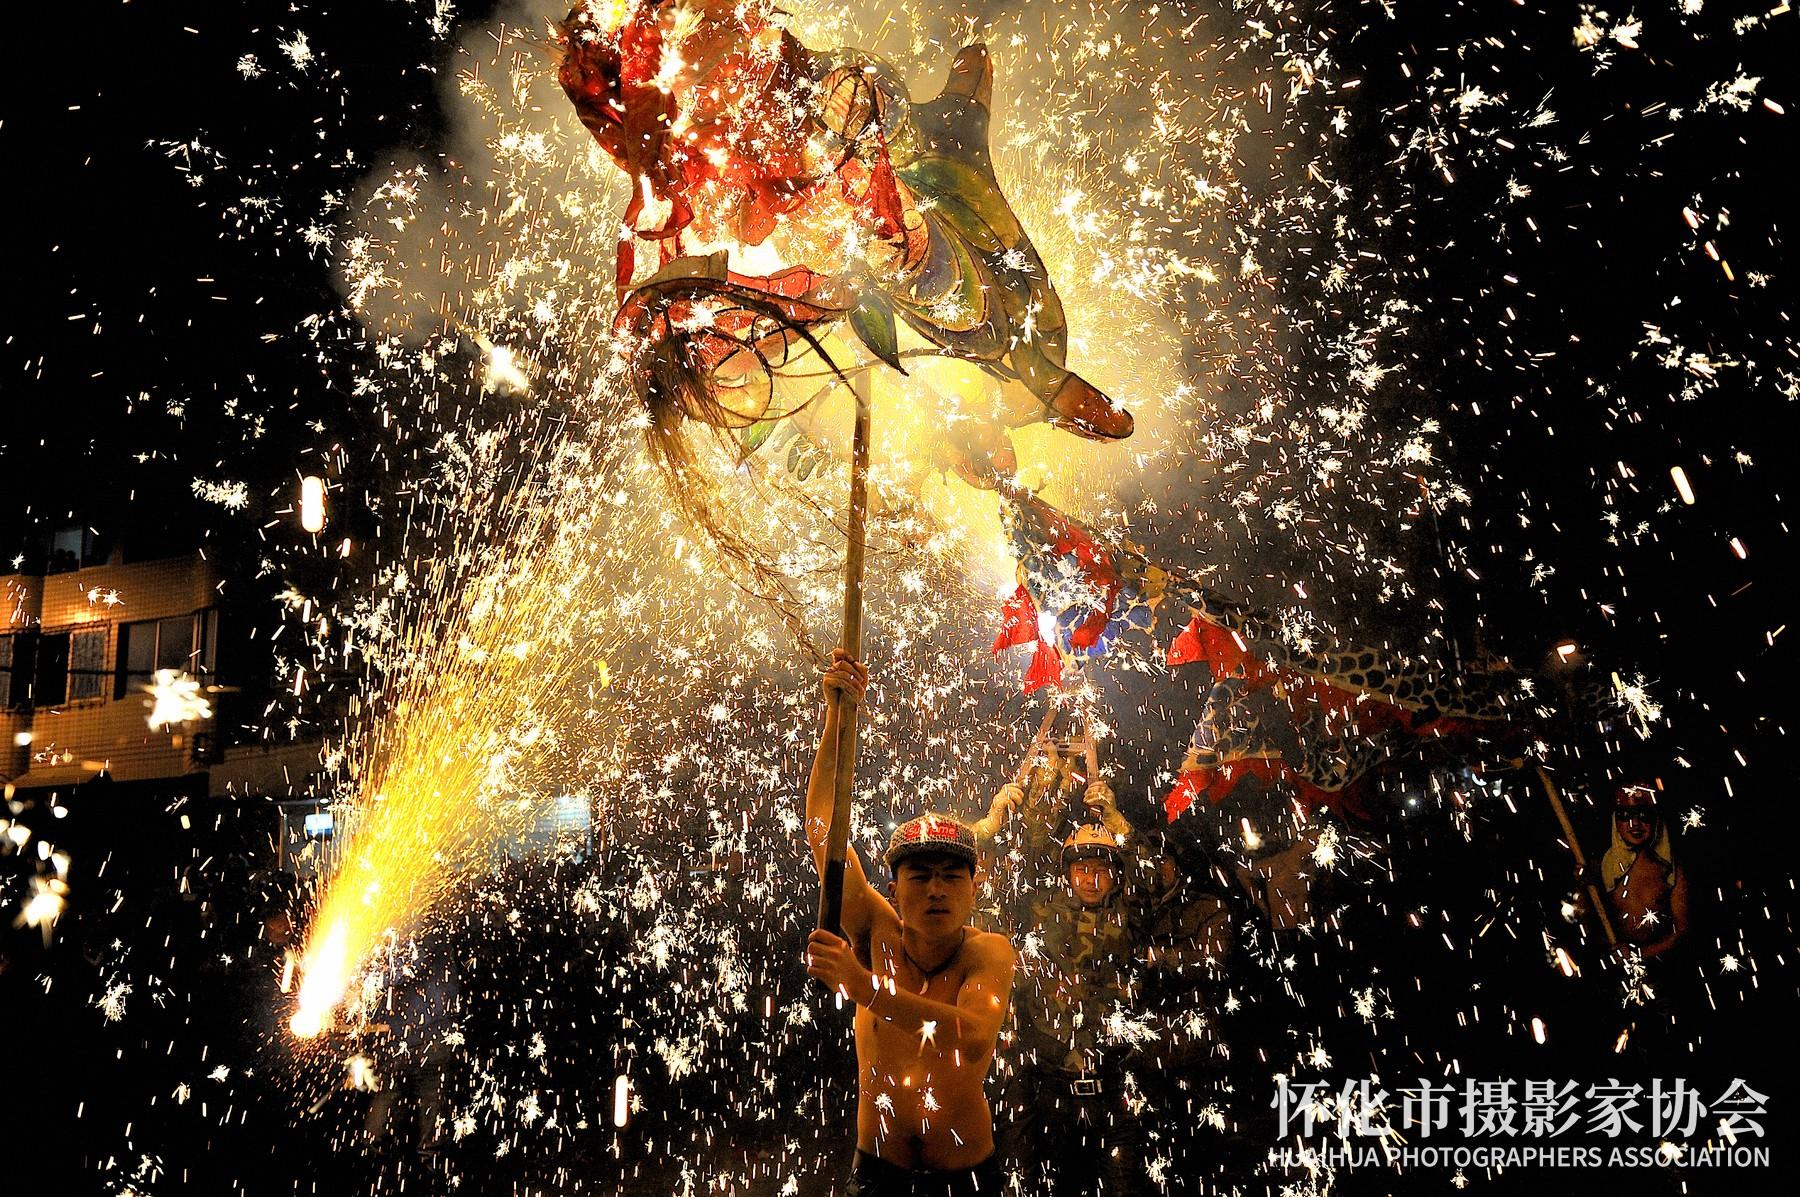 《龙腾烈焰》杨中华